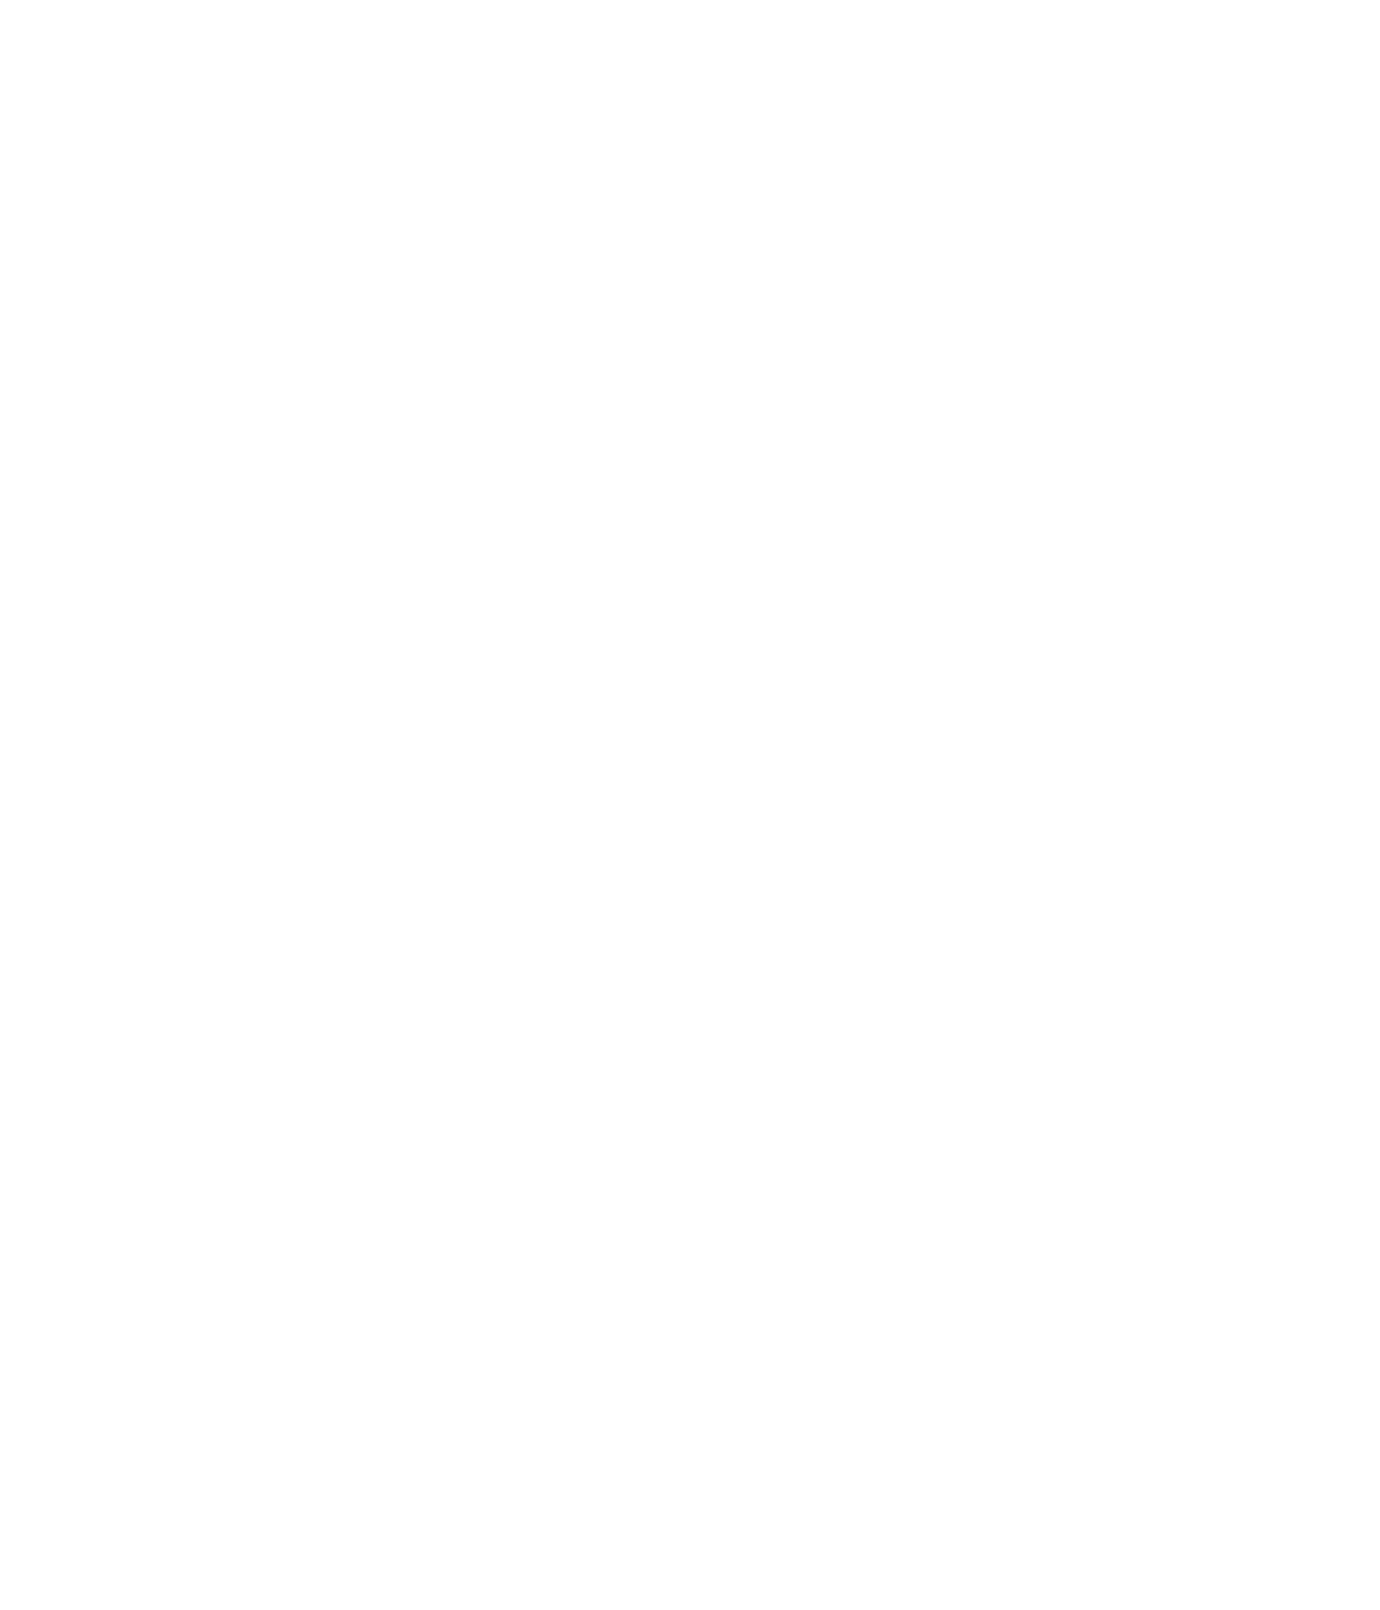 logo remus1a